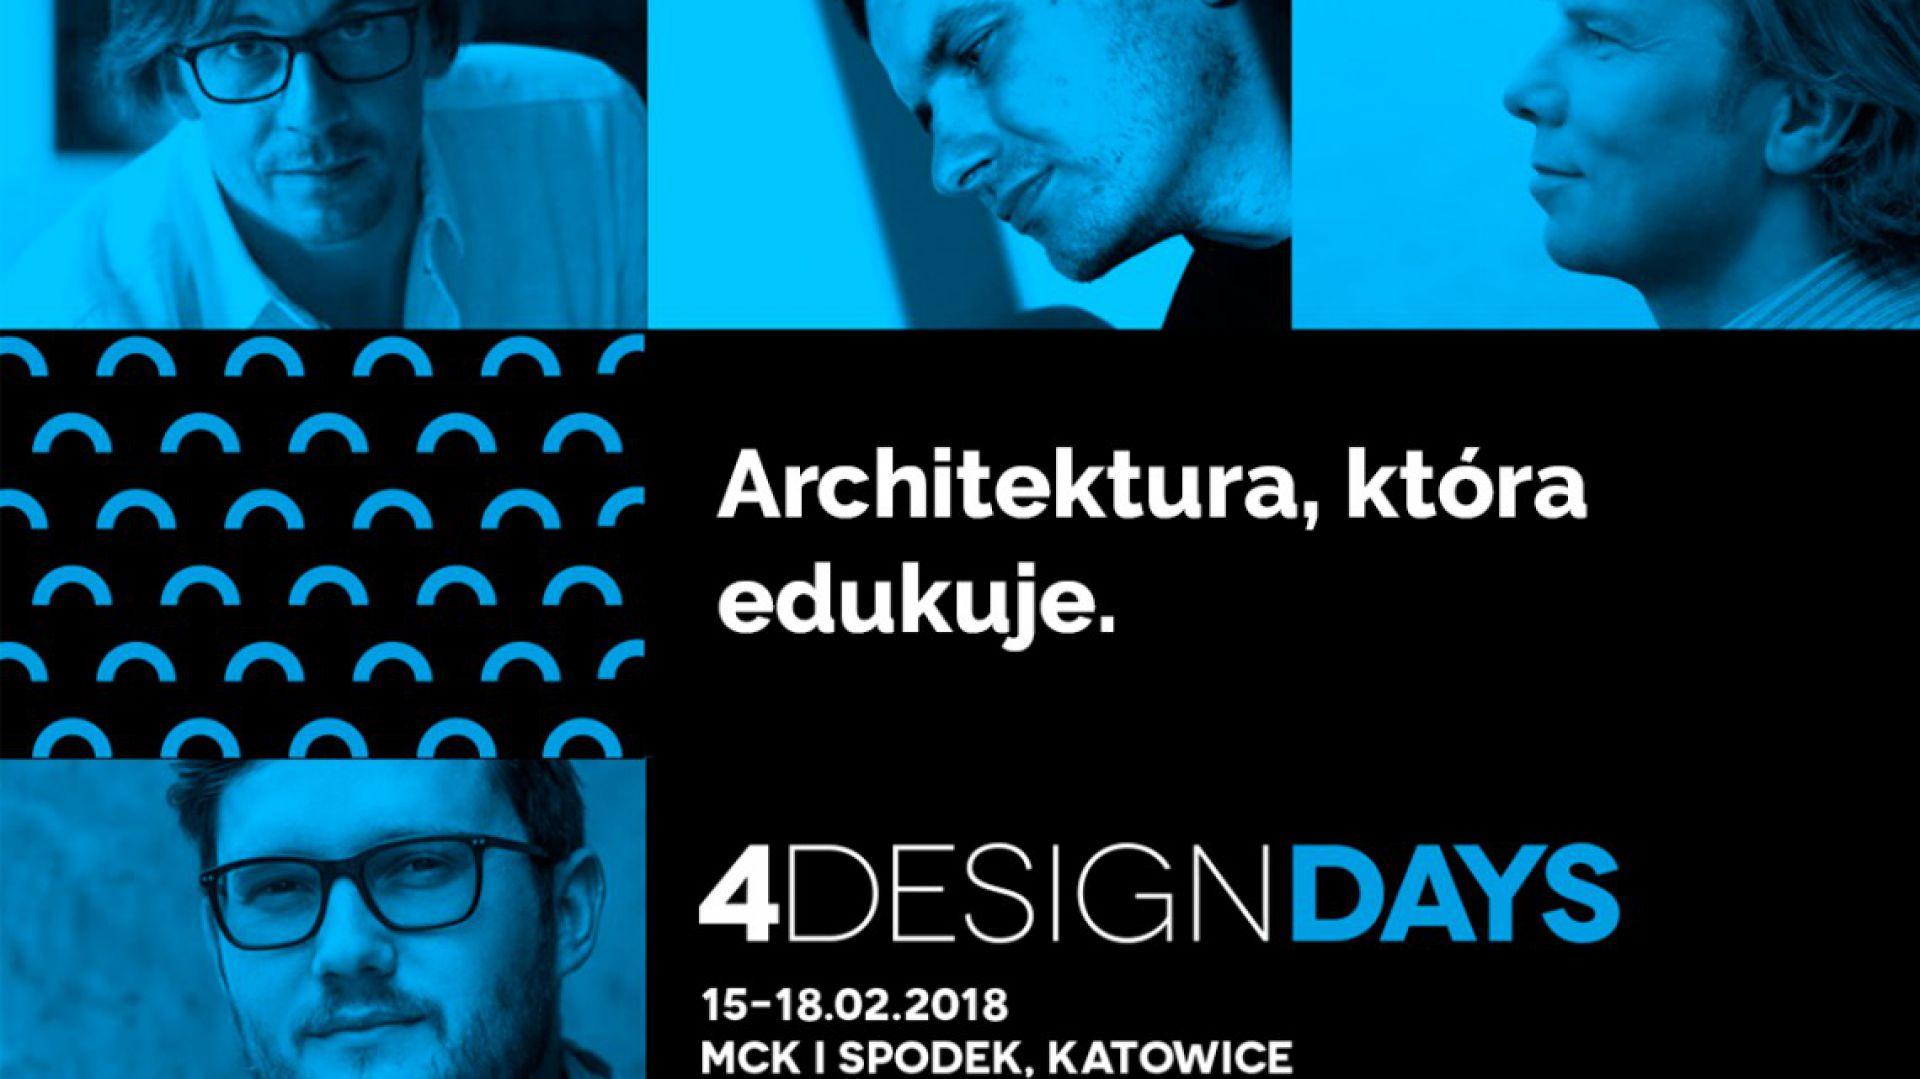 4 Design Days. Fot. www.propertydesign.pl